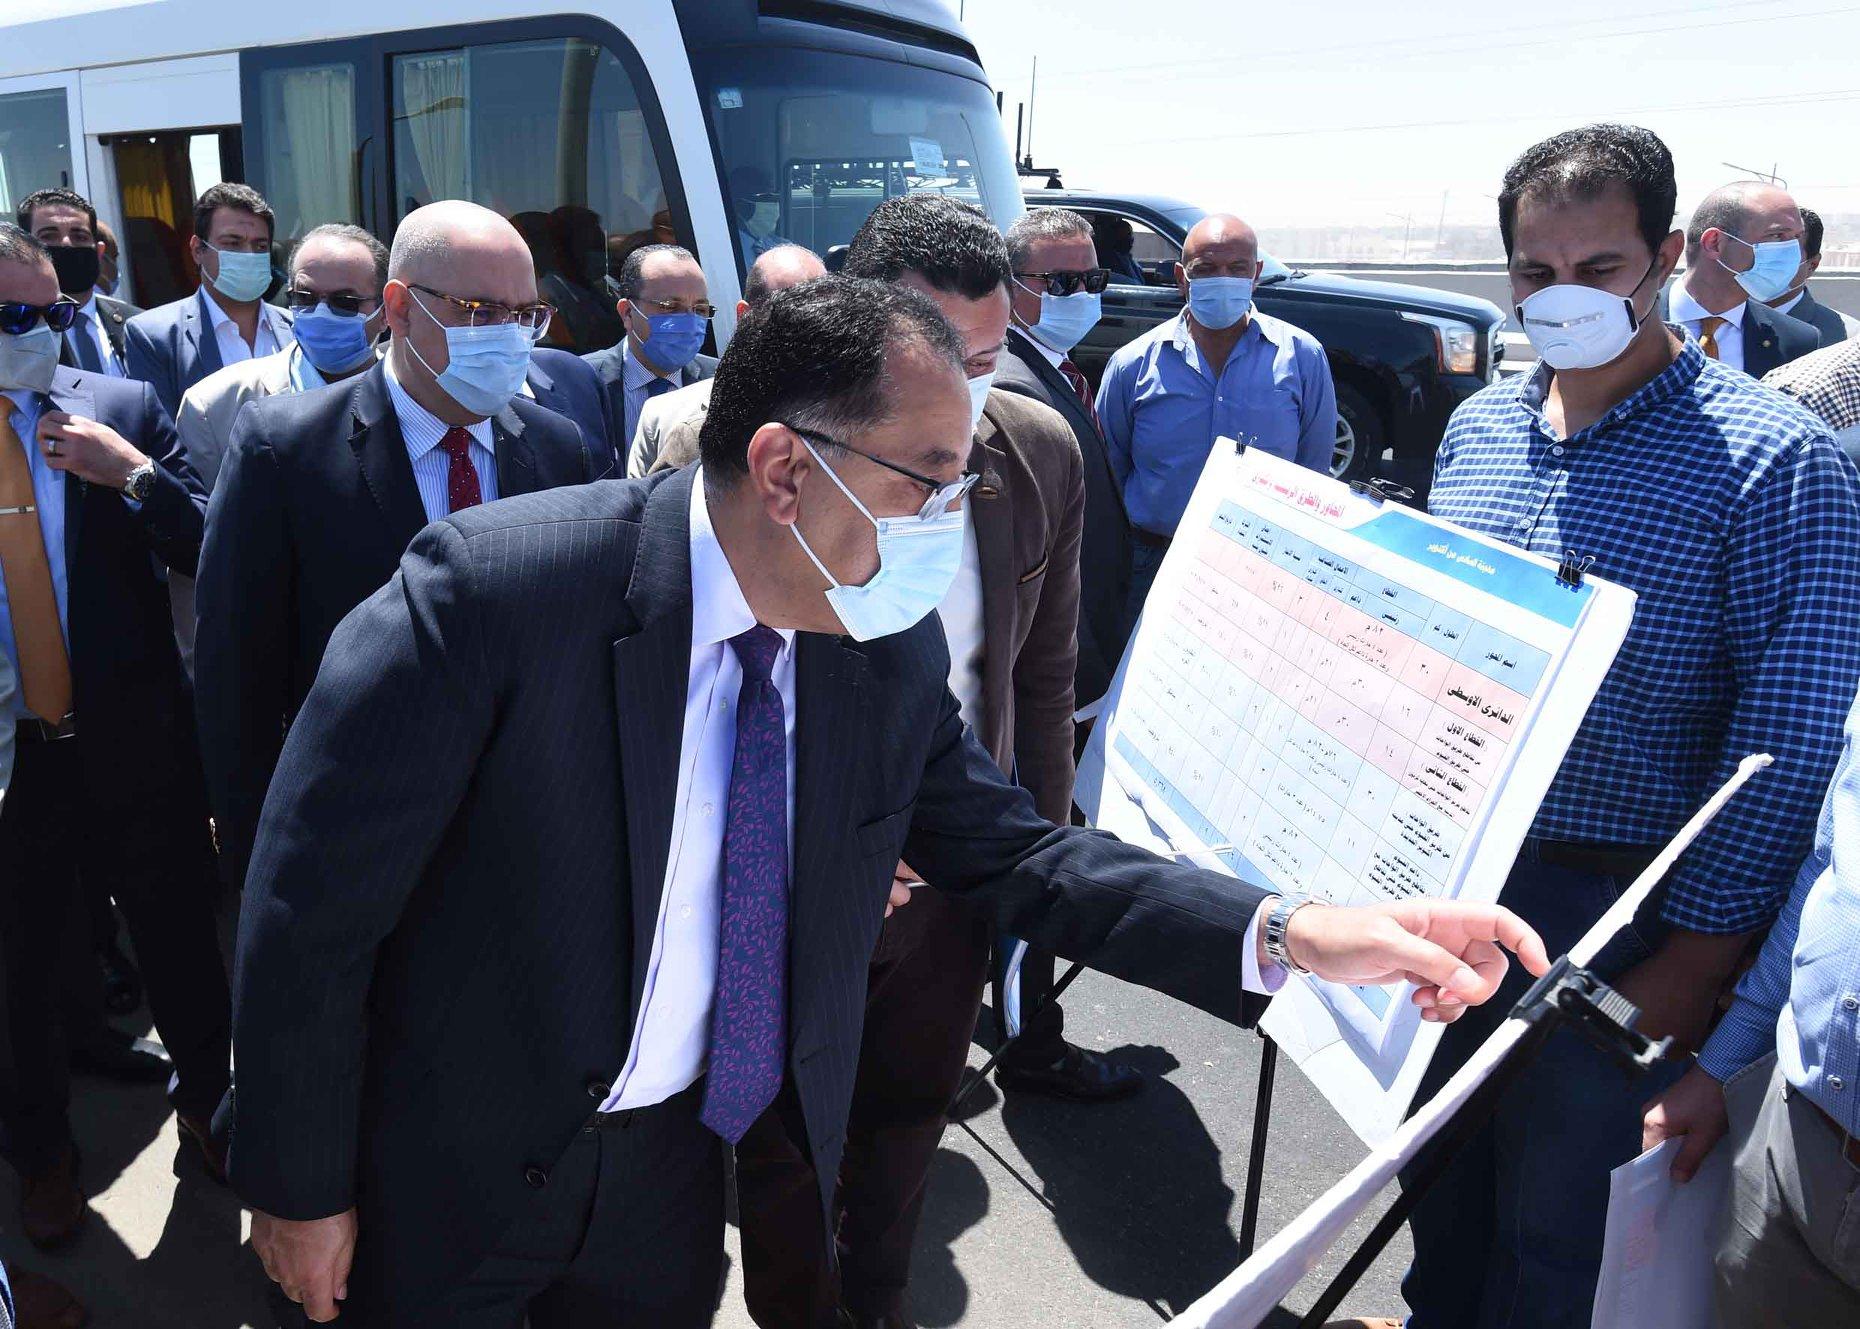 رئيس الوزراء يتفقد عددا من المحاور المرورية الجديدة بمحافظة الجيزة